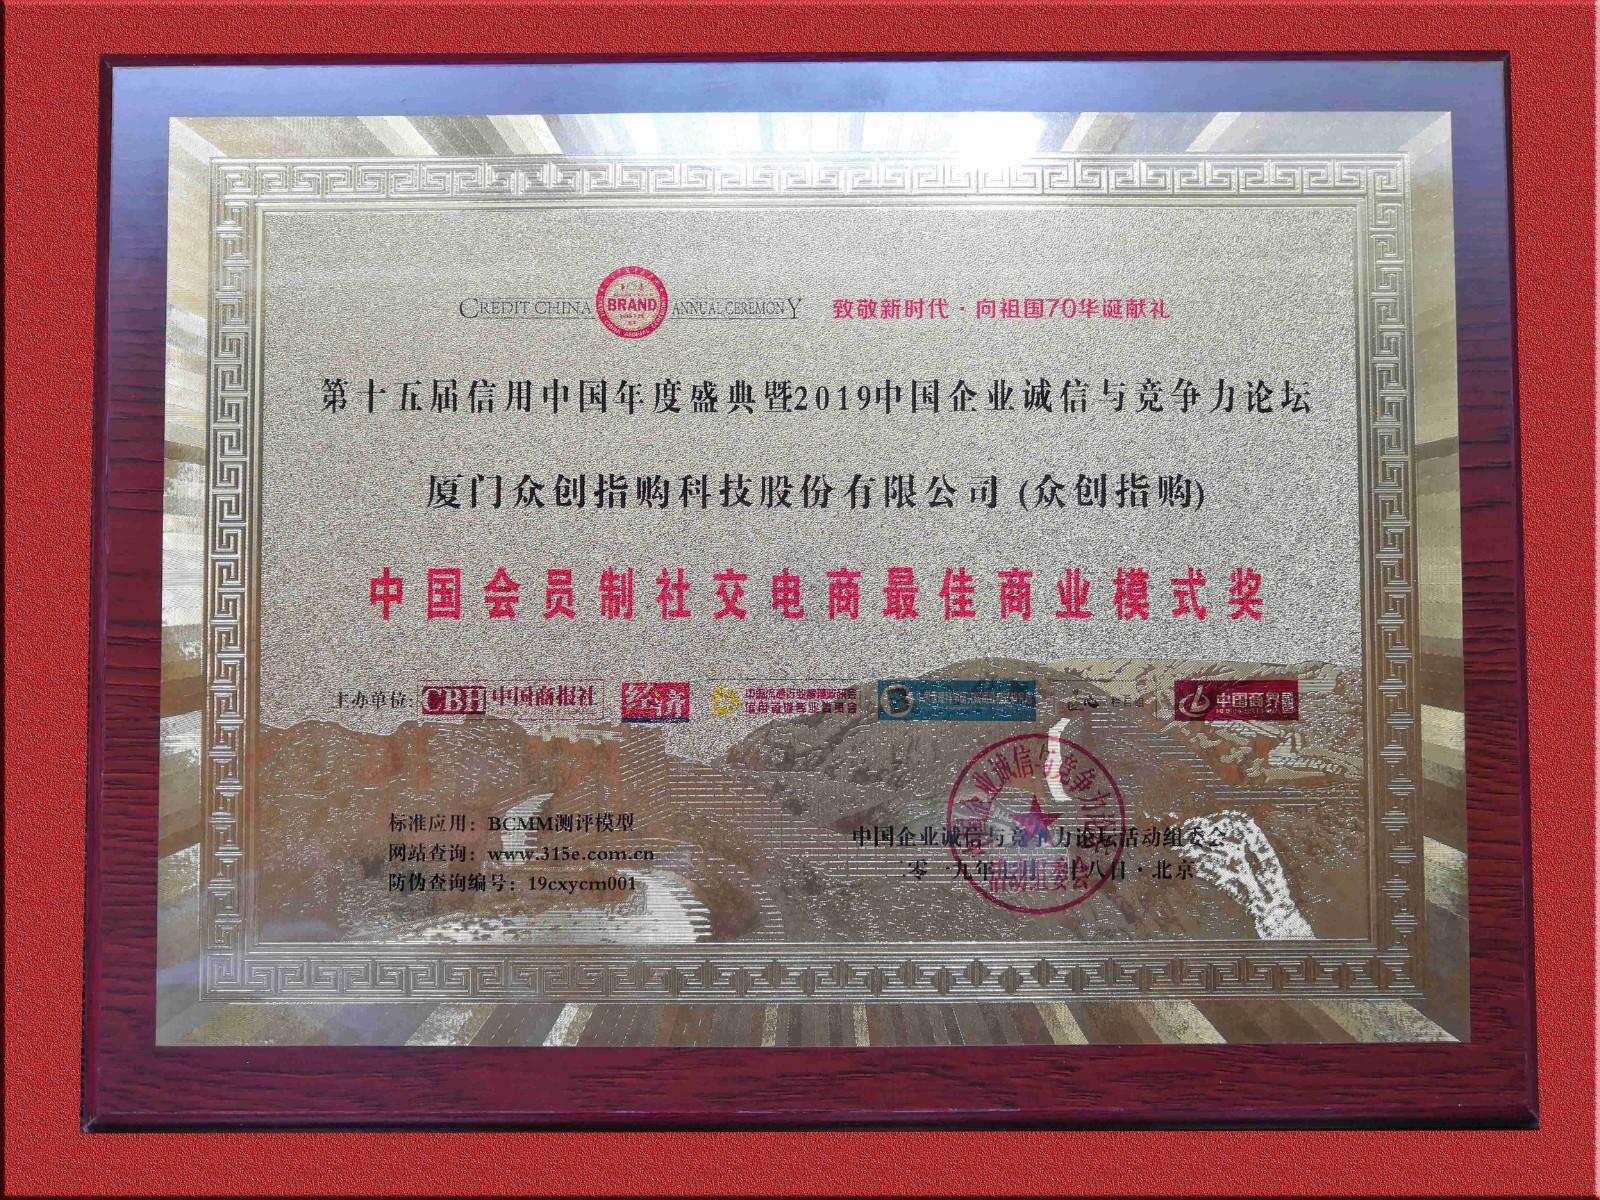 4众创指购荣获中国会员制社交电商最佳商业模式奖.jpg